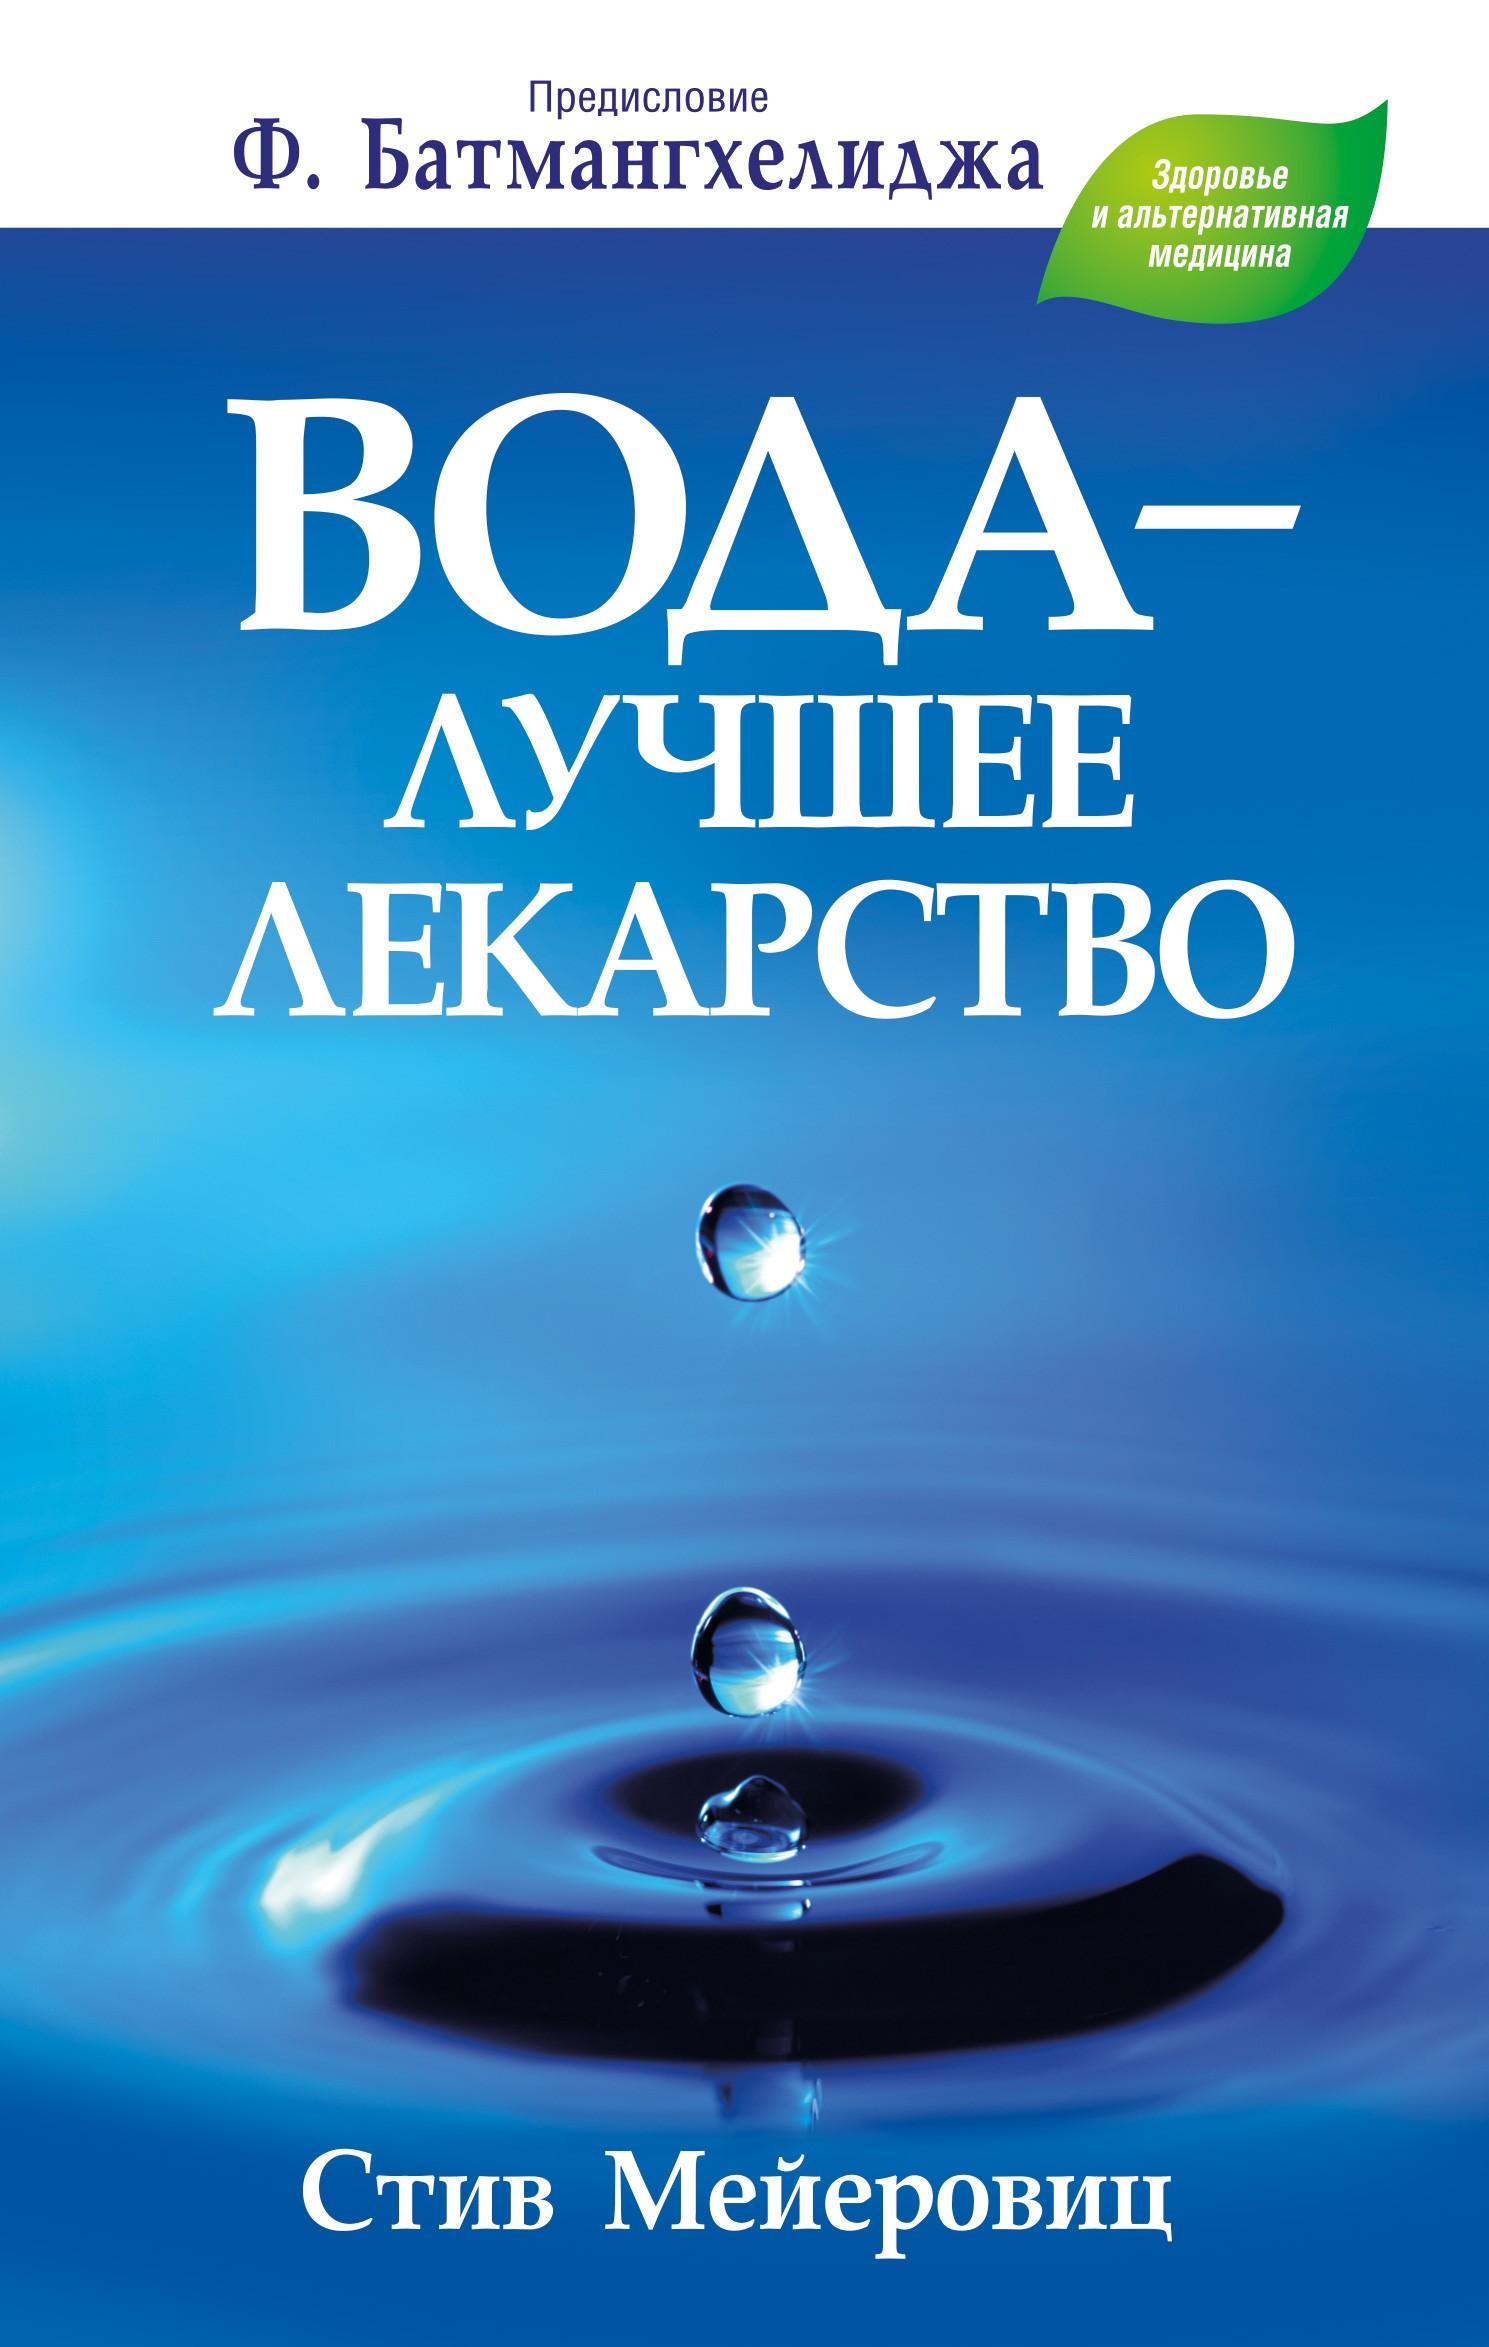 Купить Вода - лучшее лекарство (2-е издание), Стив Мейровиц, 978-985-15-2068-4, 978-985-15-3108-6